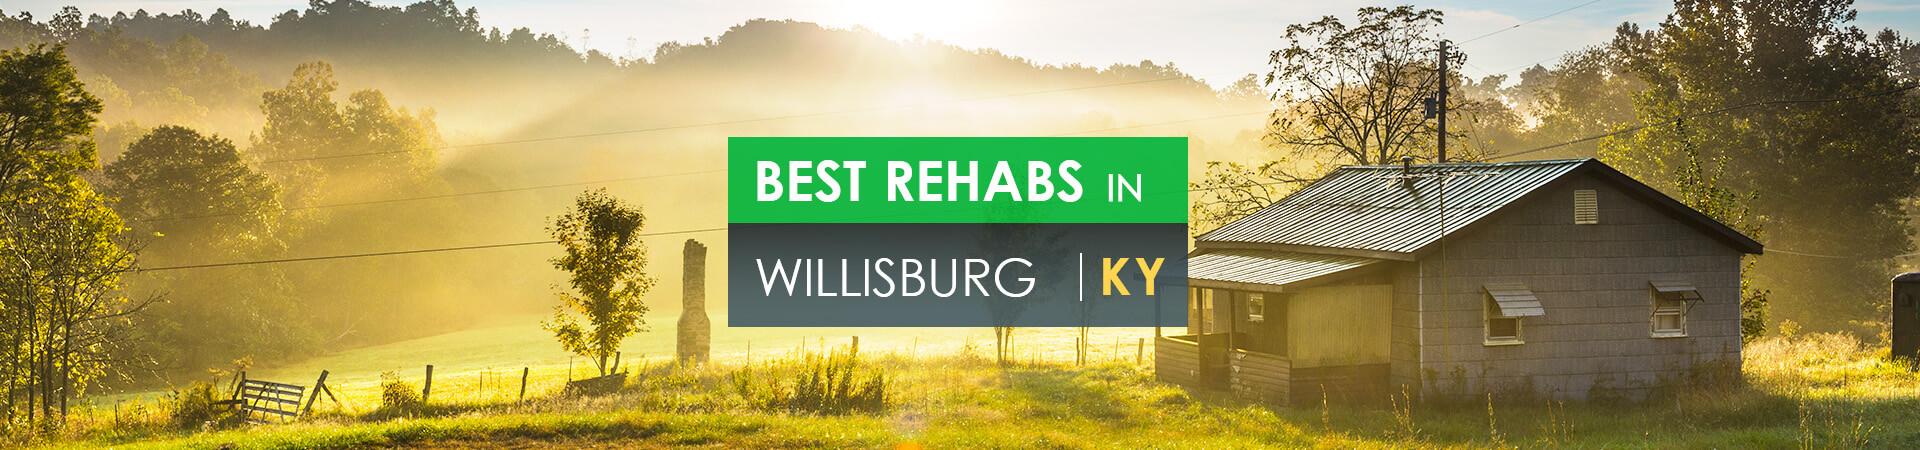 Best rehabs in Willisburg, KY